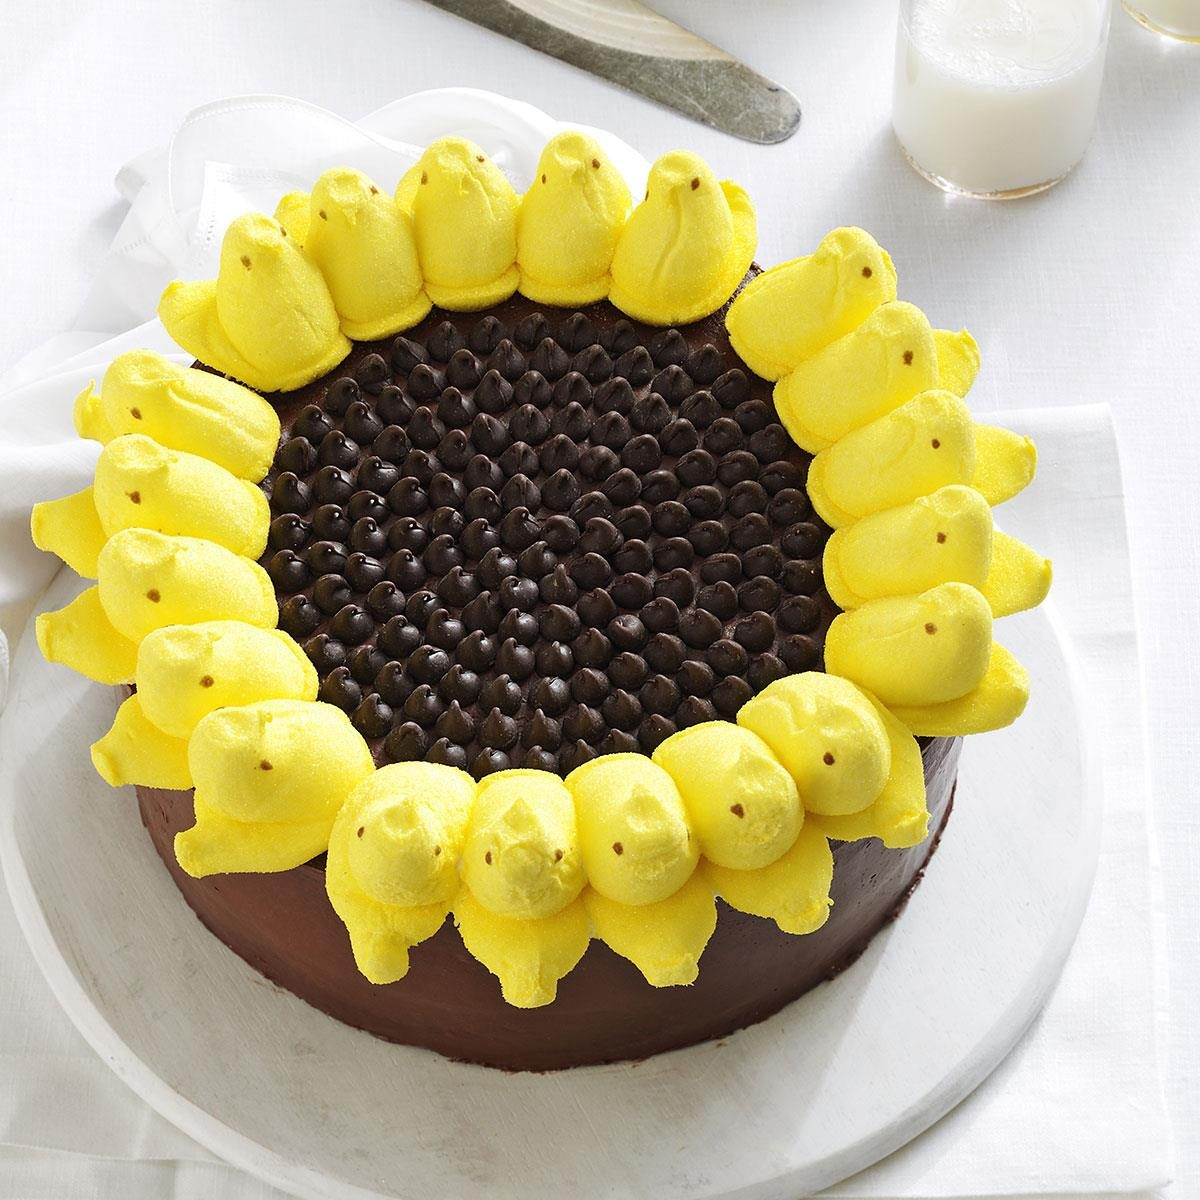 Peeps Sunflower Cake Recipe | Taste of Home